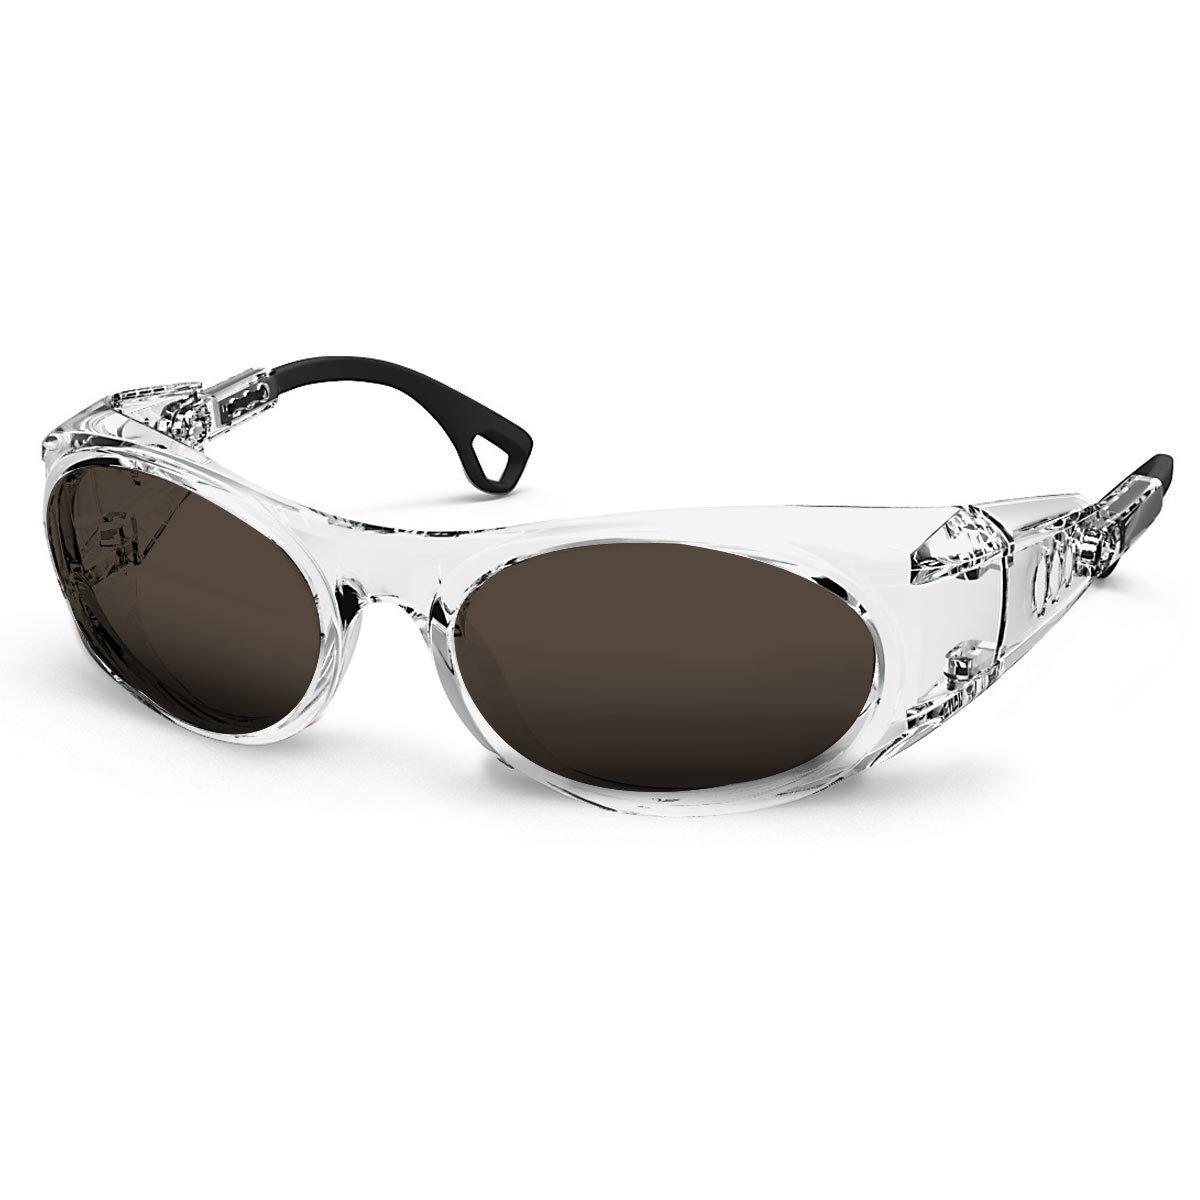 Uvex Korrektionsschutzbrille RX cd 5505 transparent - braun getönt